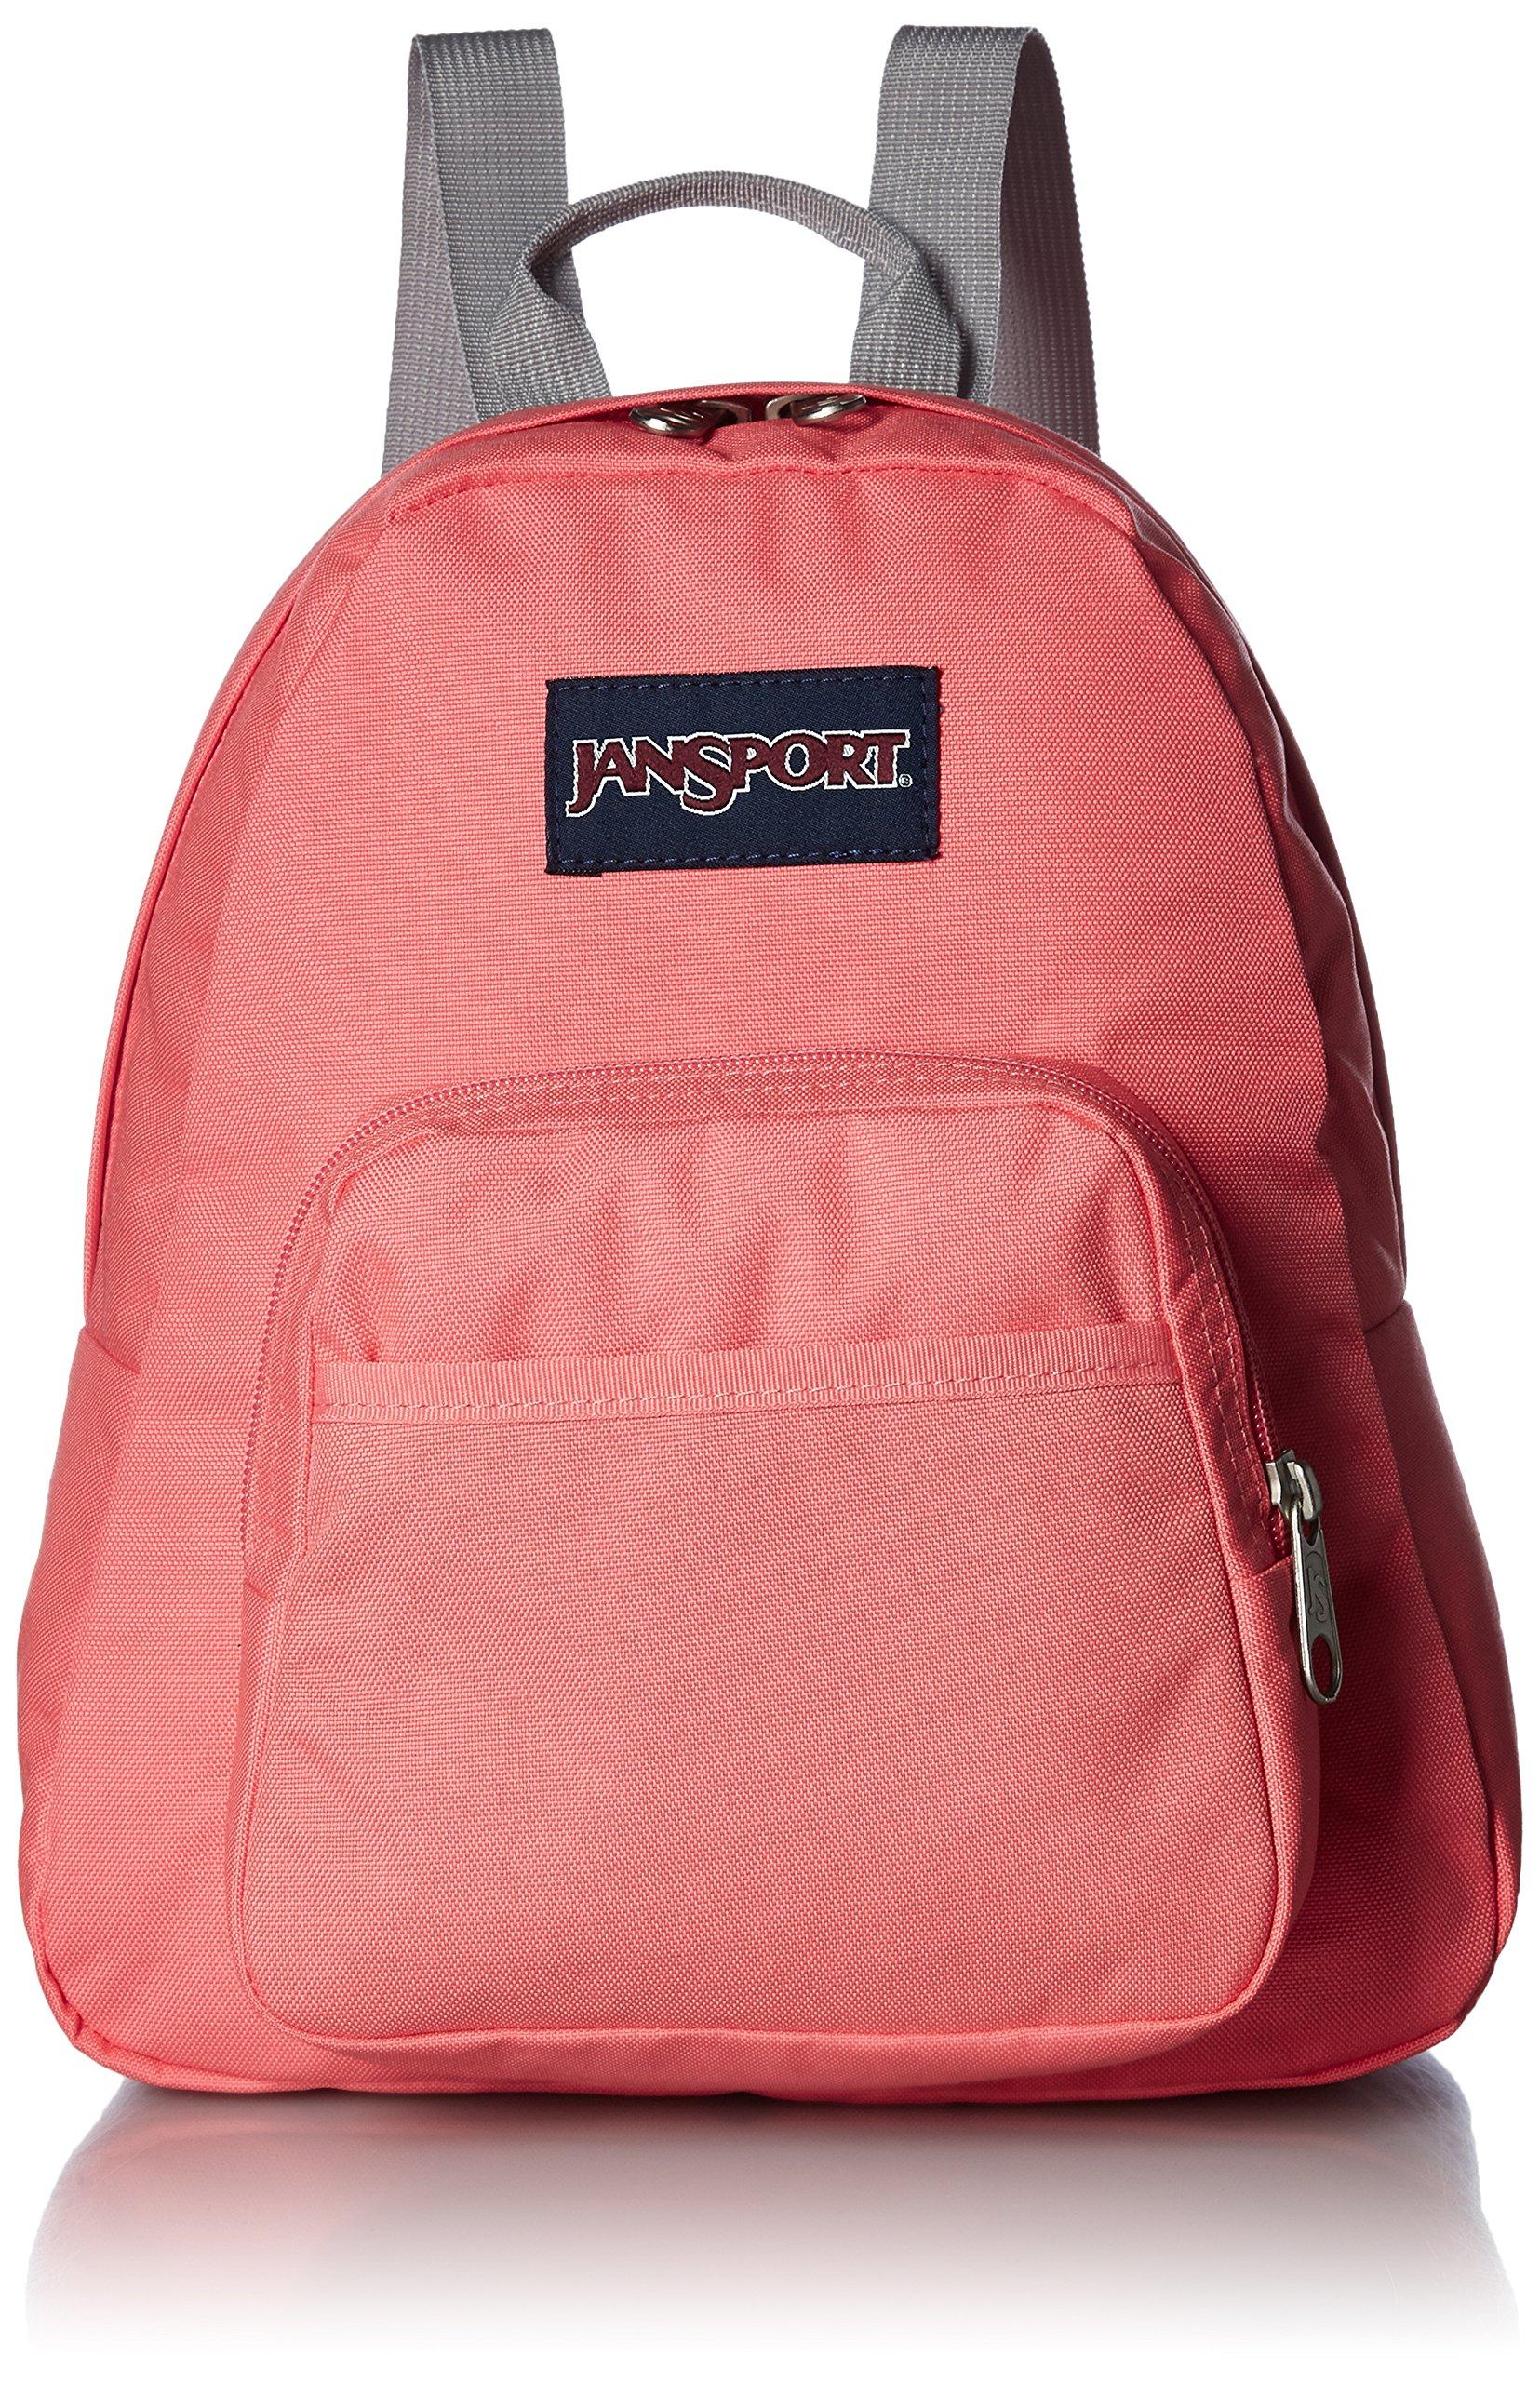 JanSport Half Pint Backpack Coral Sparkle